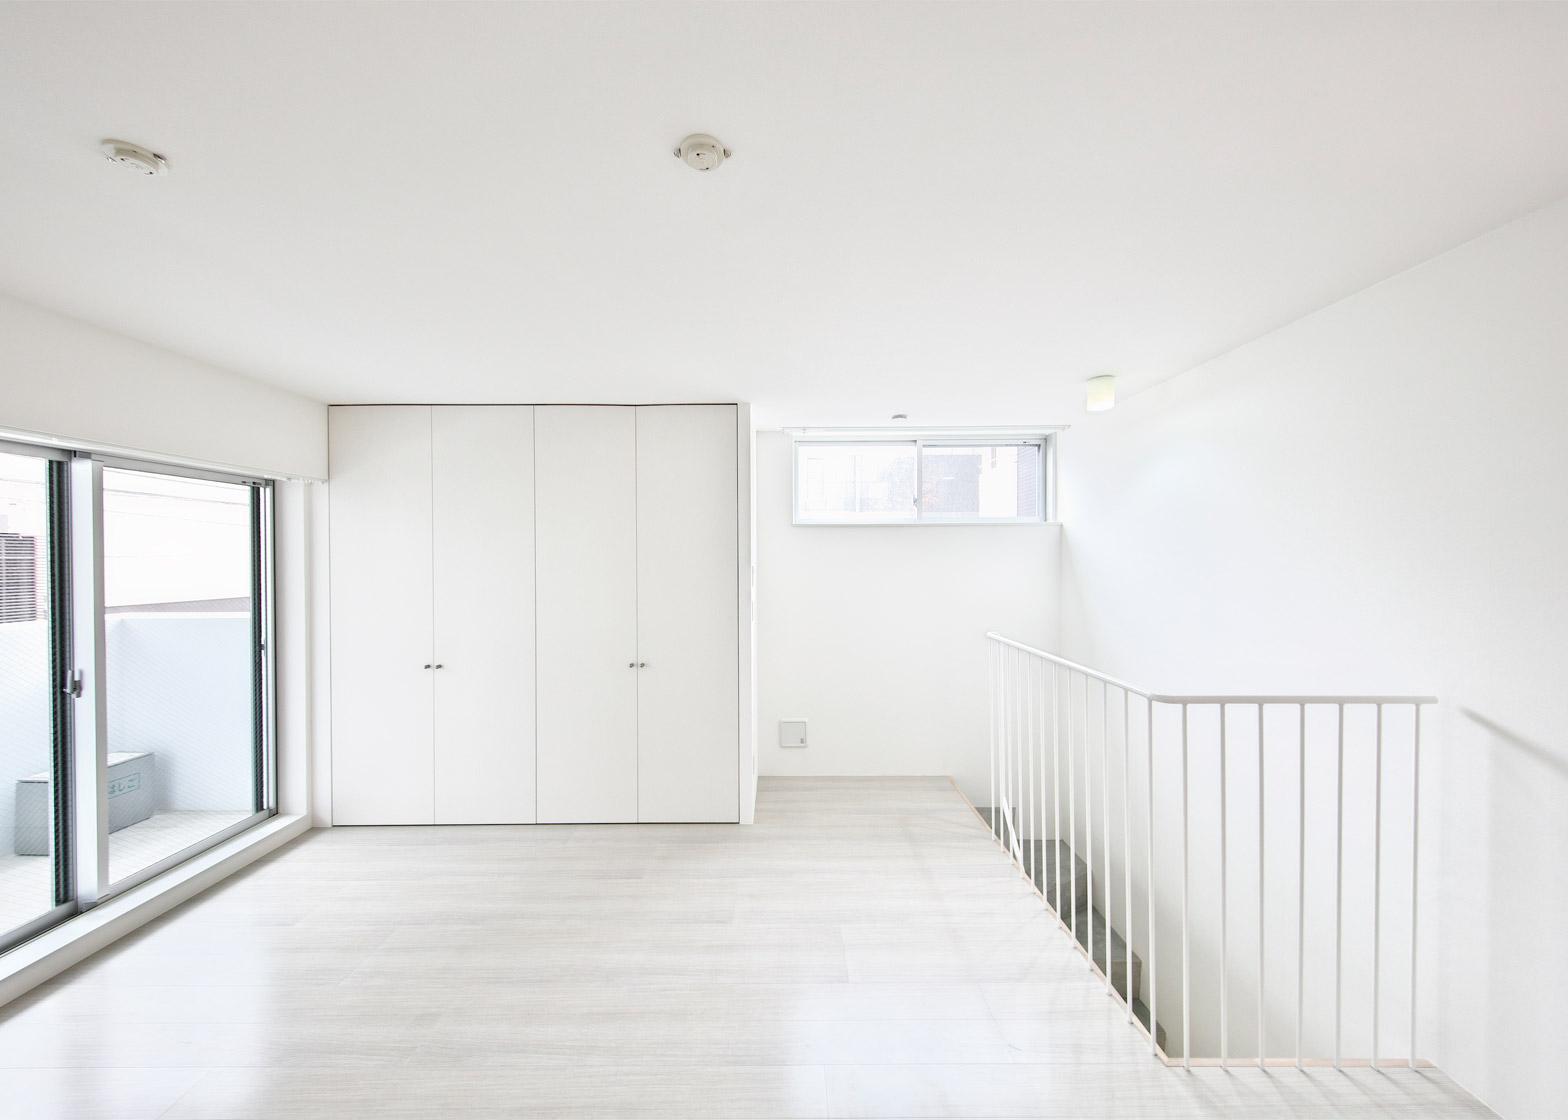 House by Hiroyuki Moriyama